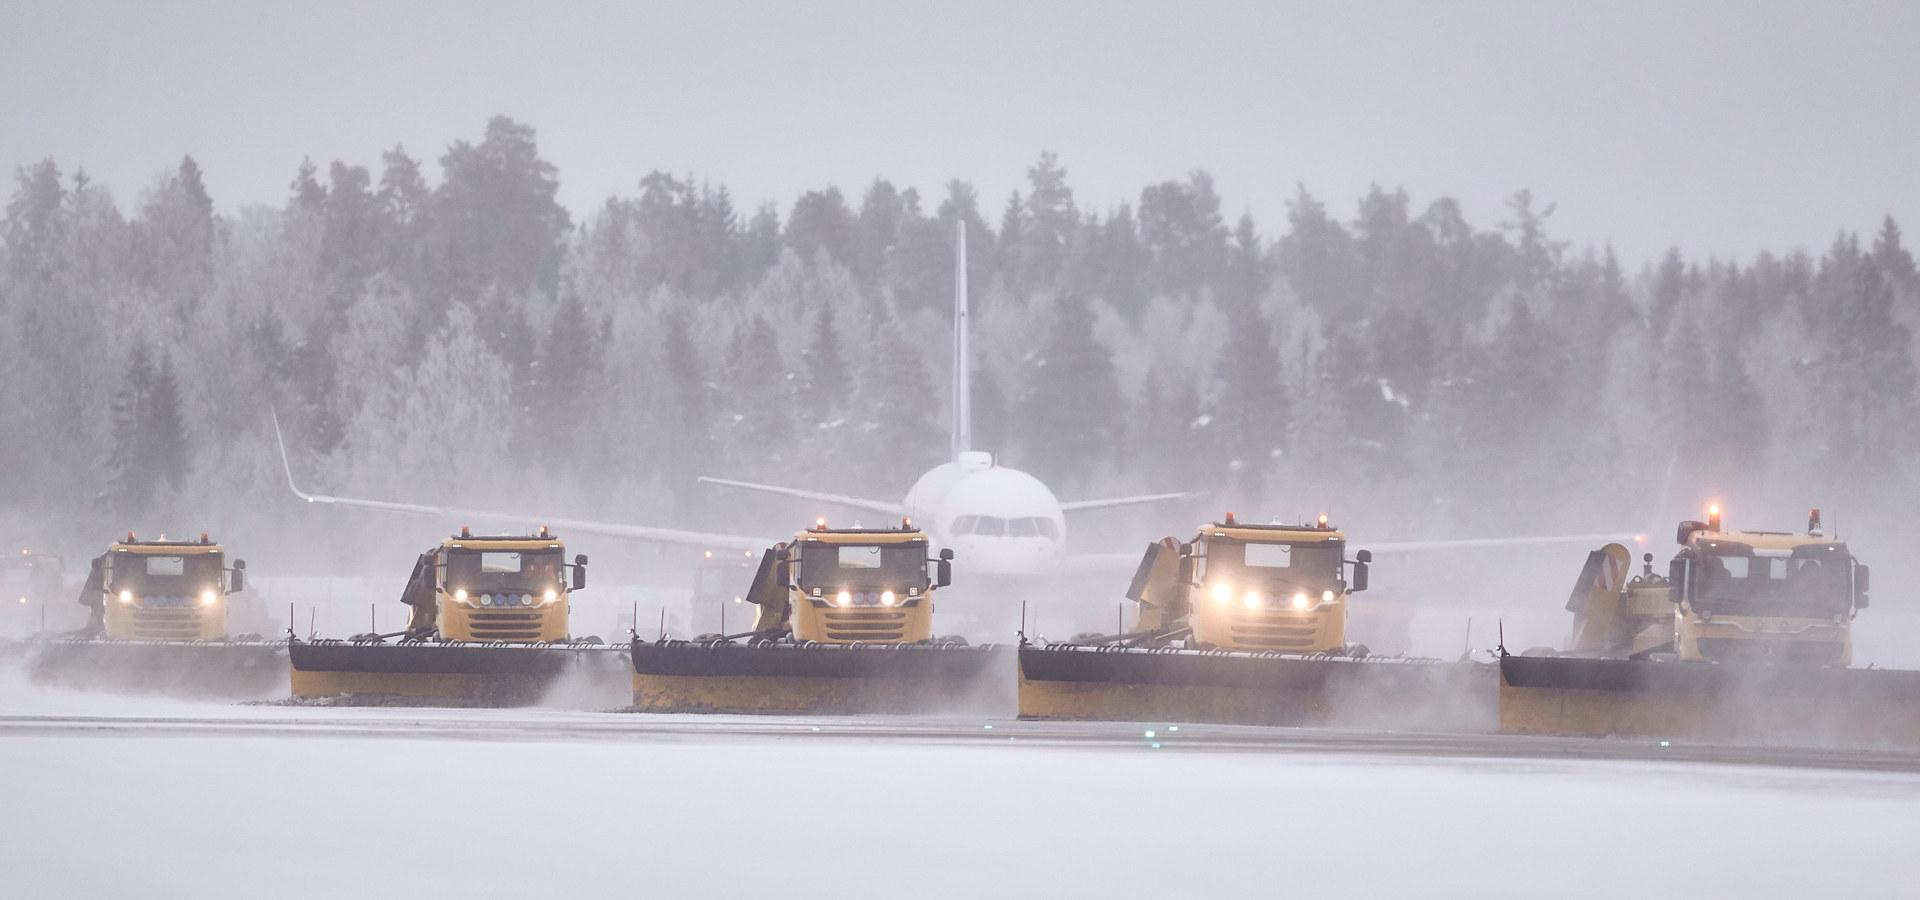 Autonom snøbrøyting på flyplass. Foto: Øveraasen / Yeti